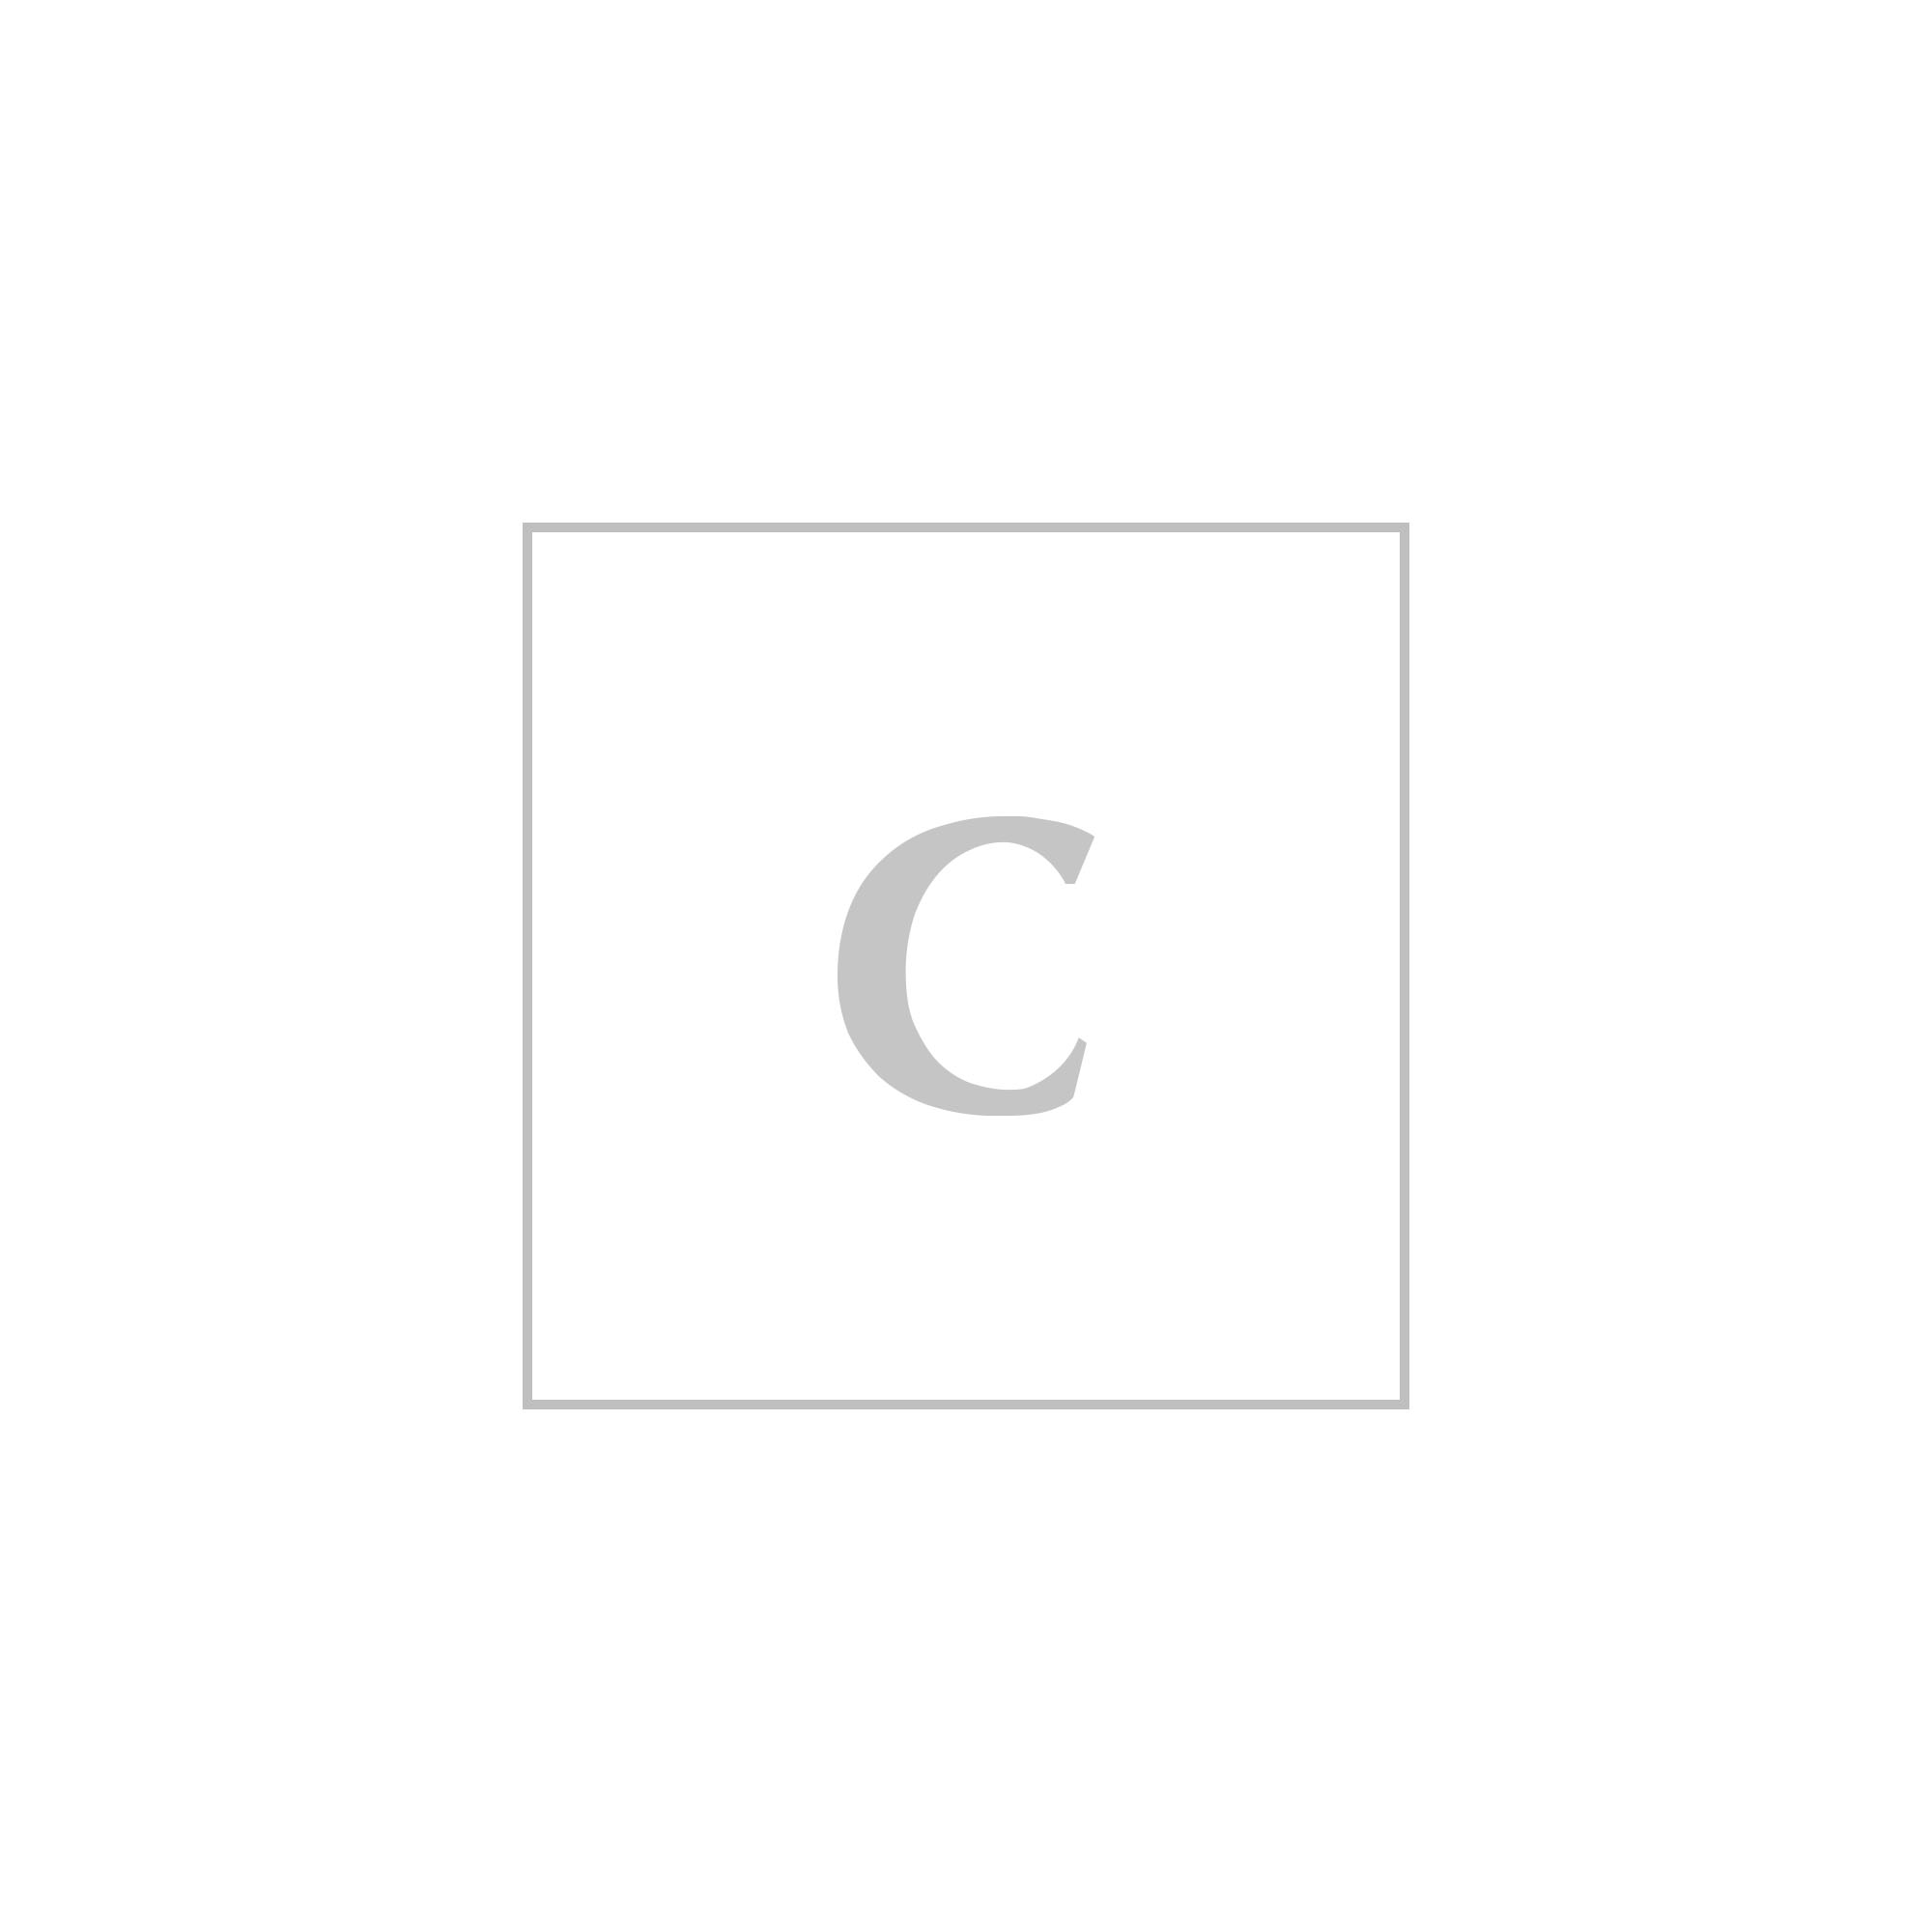 Valentino borsa small clutch